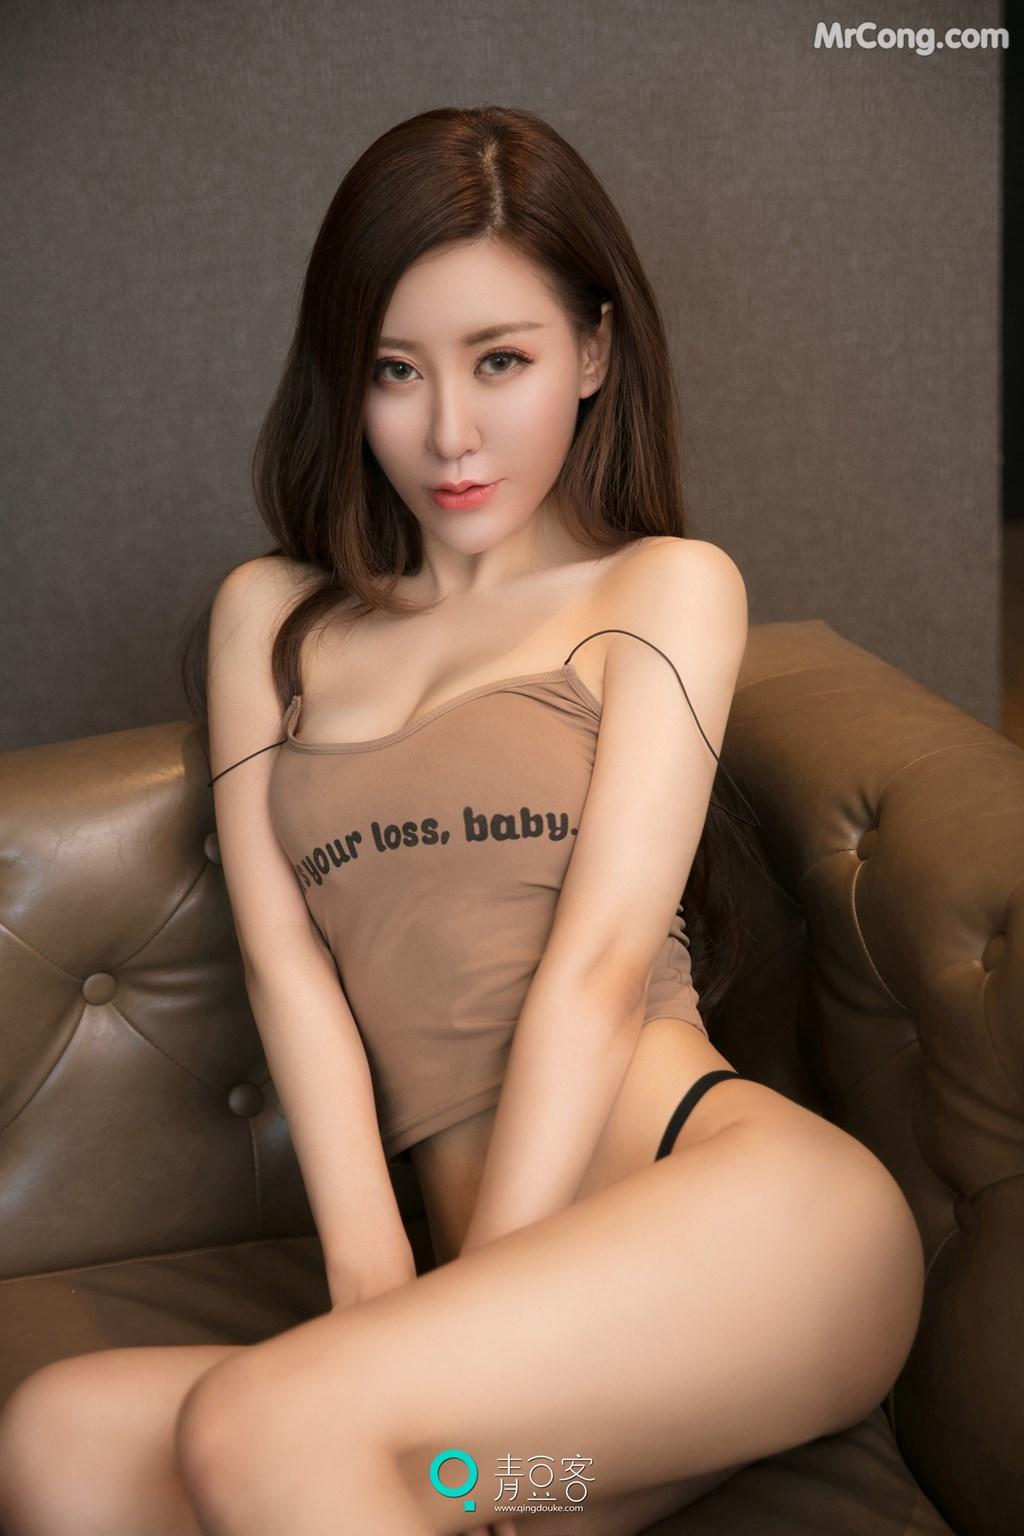 Image QingDouKe-2017-10-12-Qiao-En-Xi-MrCong.com-002 in post QingDouKe 2017-10-12: Người mẫu Qiao En Xi (乔恩夕) (54 ảnh)